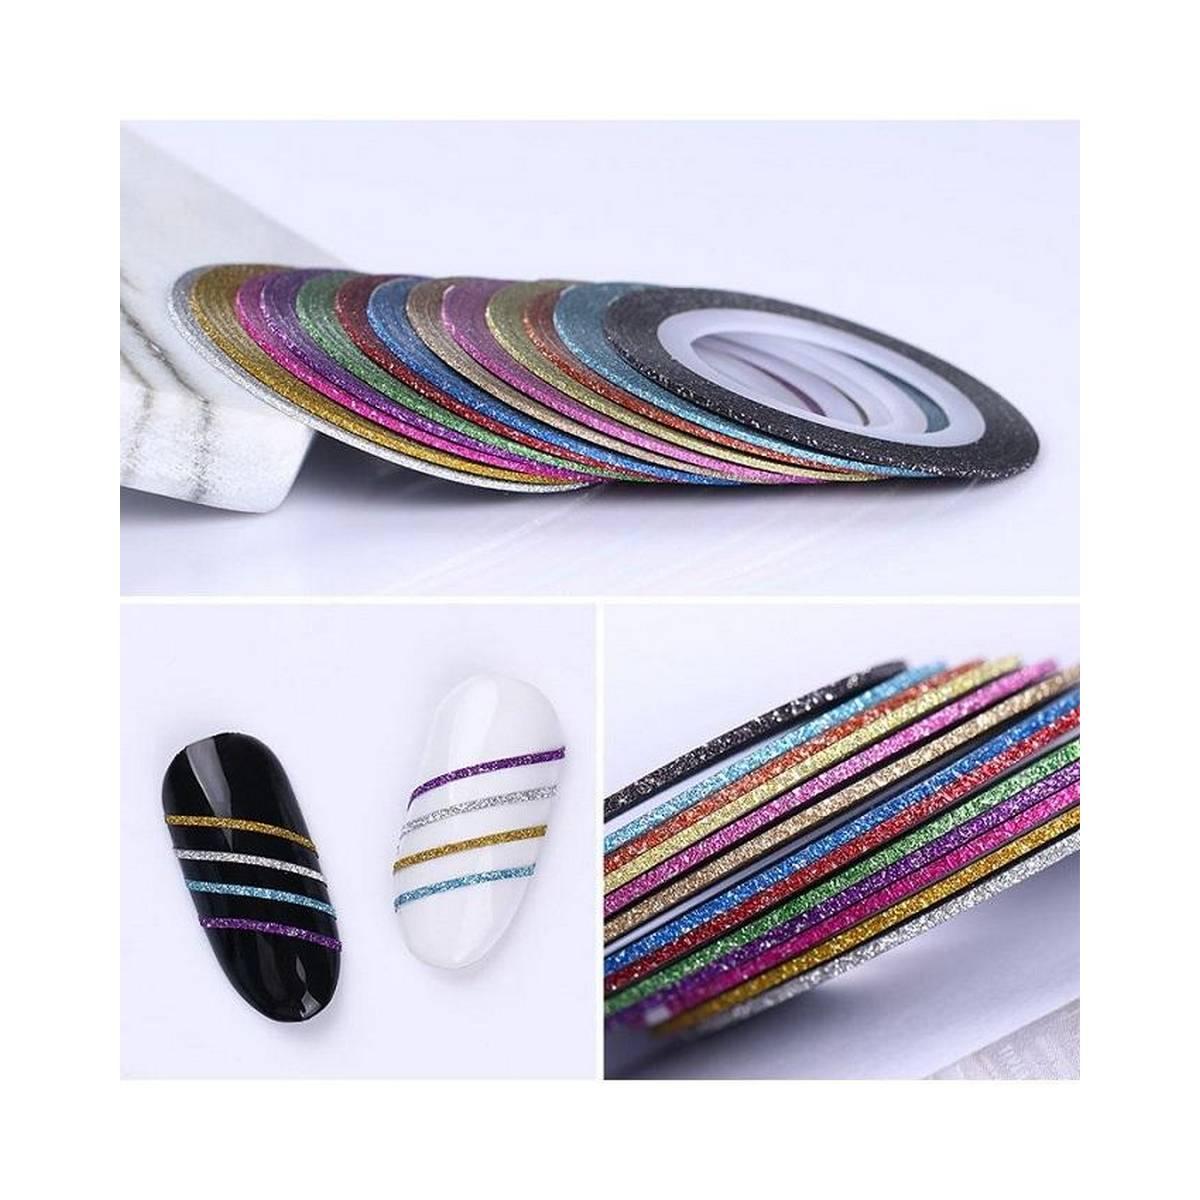 Set of 10 Rolls Glitter Nail Art Striping Tape (1mm)